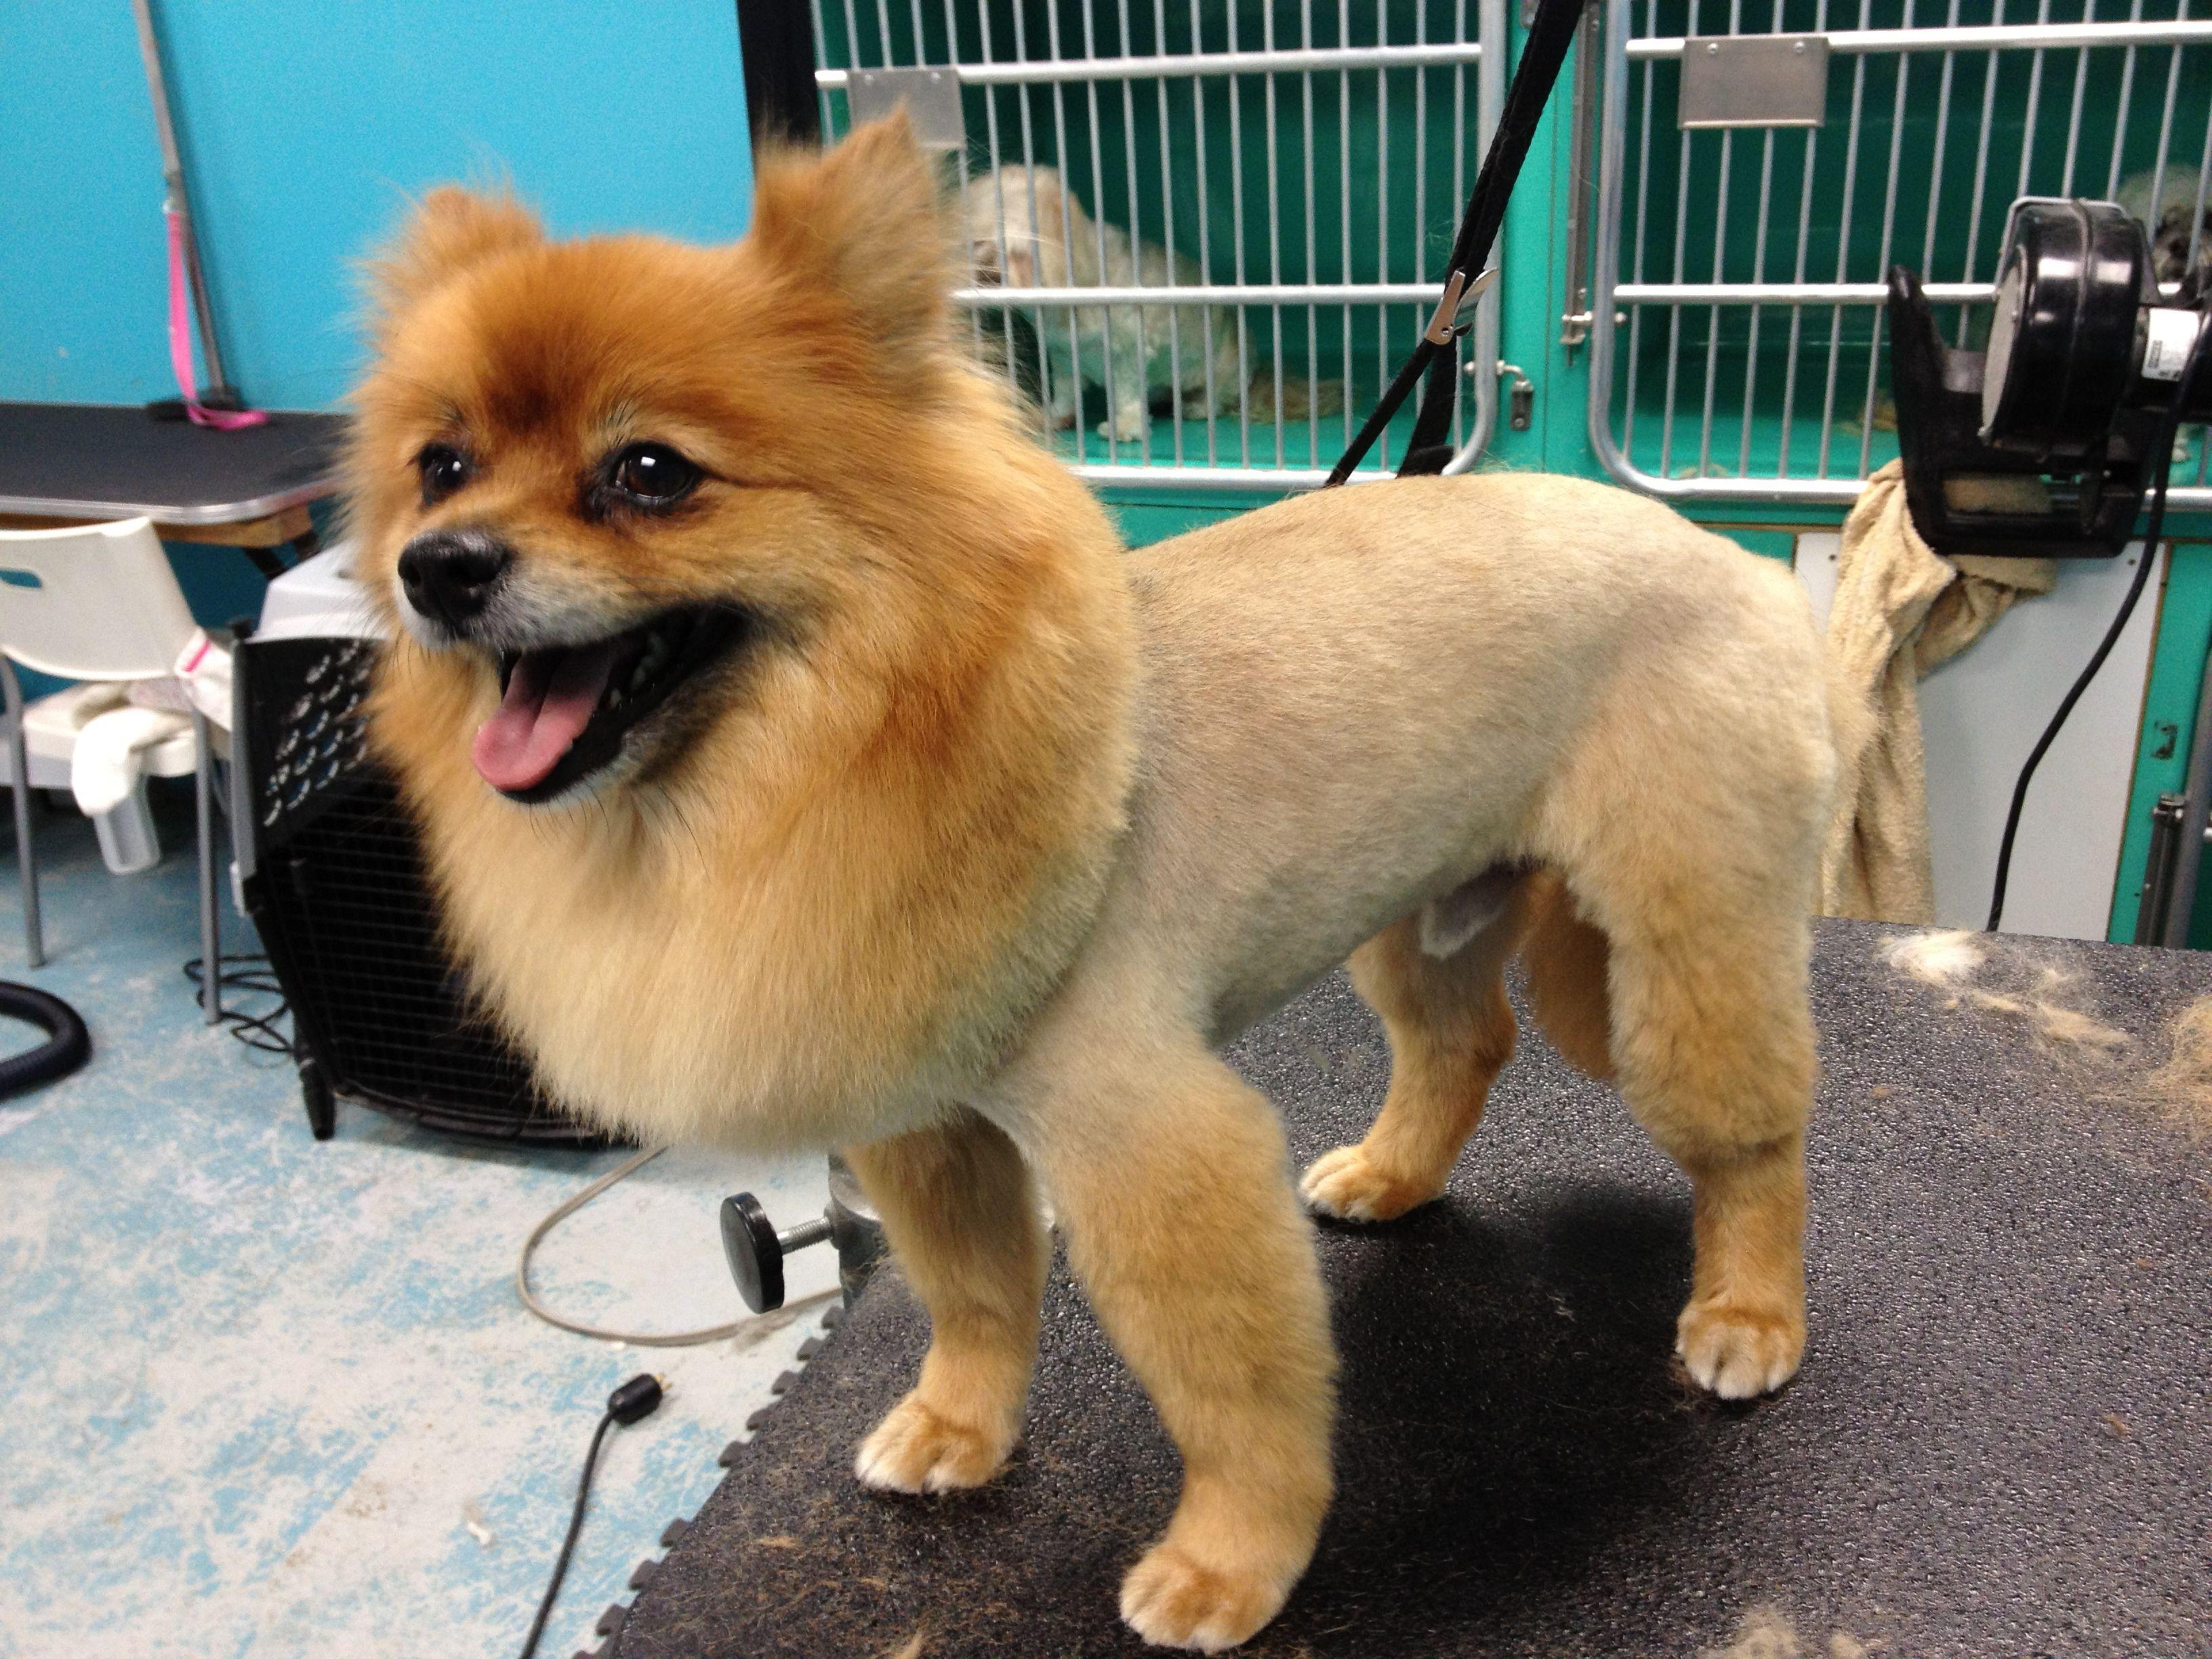 Pin on livinginlofi / puppies! yay!White Pomeranian Lion Cut